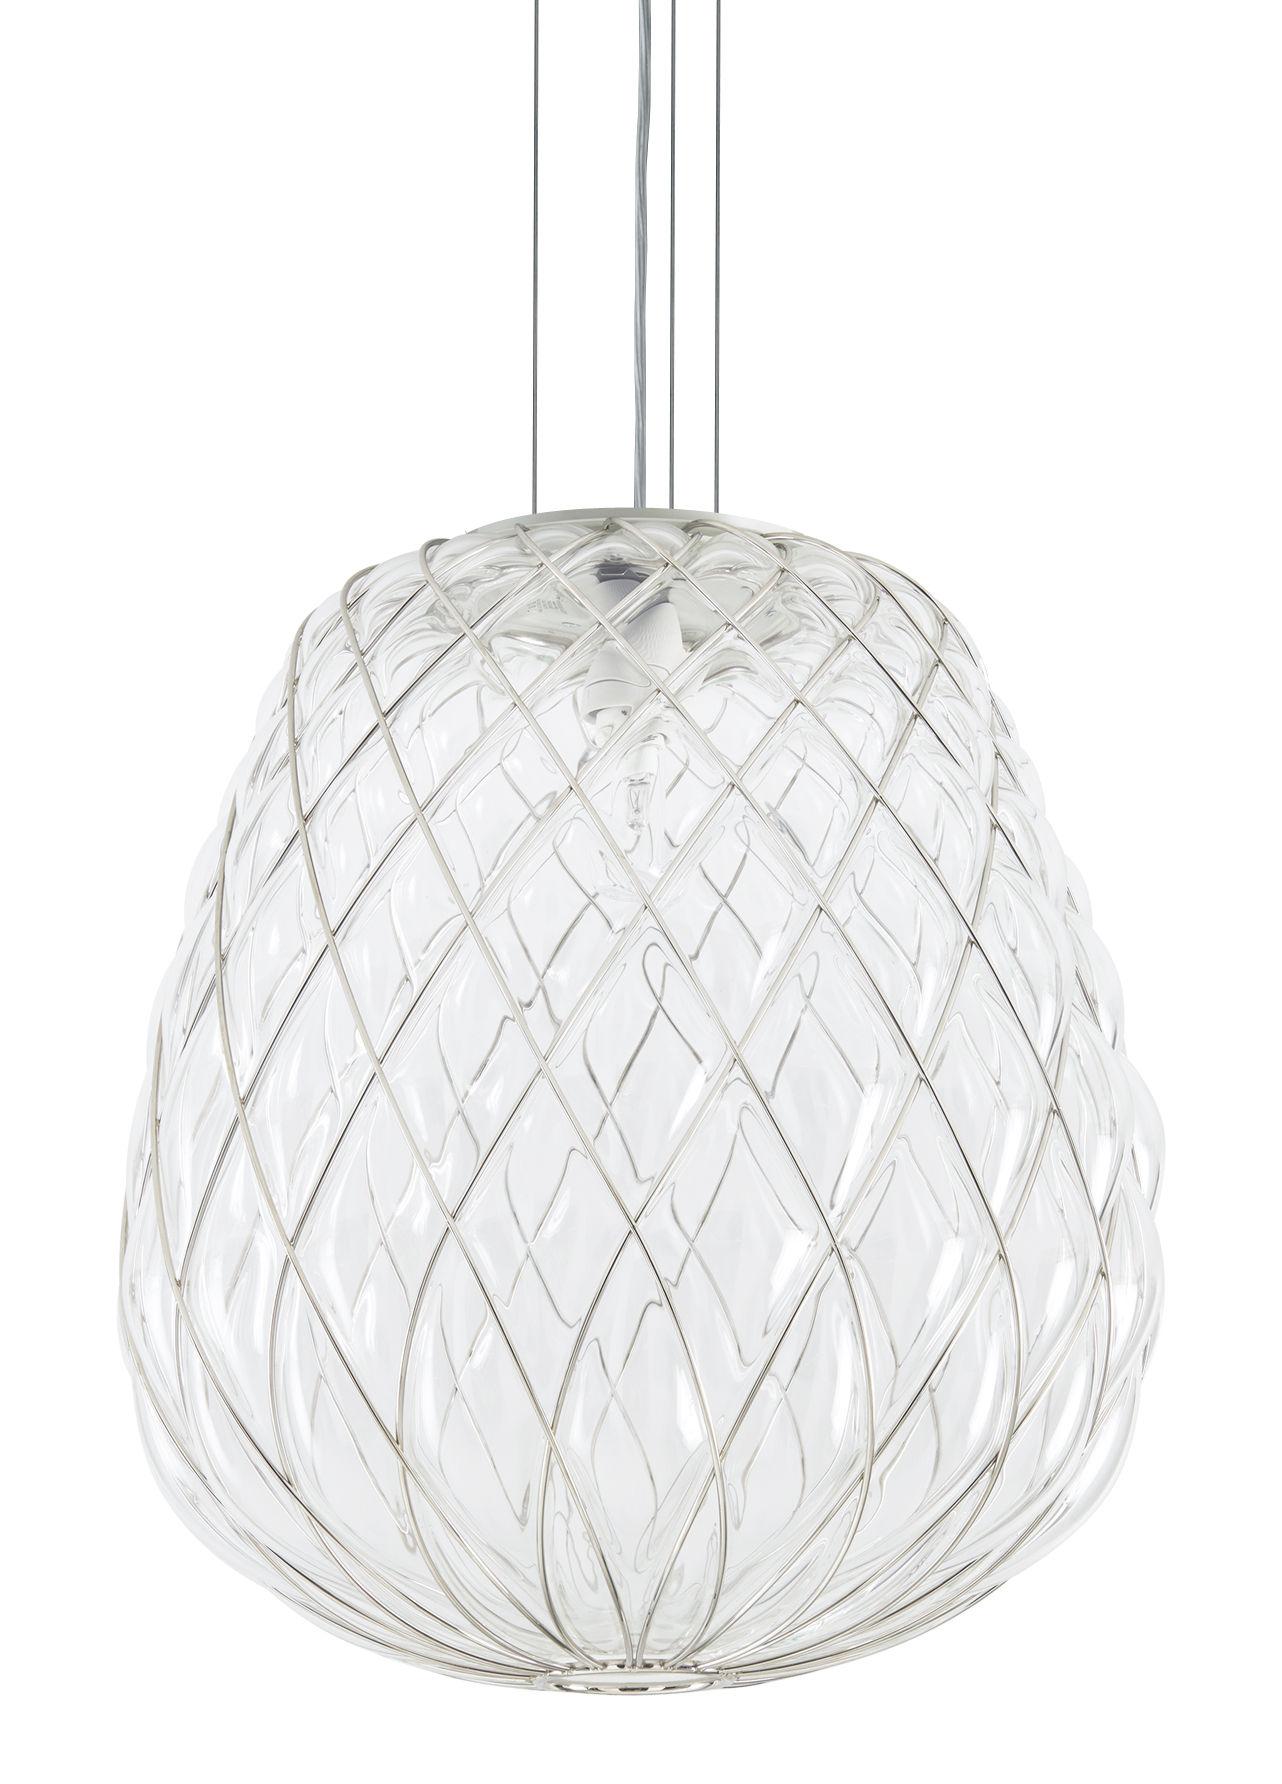 Luminaire - Suspensions - Suspension Pinecone / Ø 50 x H 50 cm - Verre & résille métal - Fontana Arte - Transparent / Résille métal - Métal, Verre soufflé bouche